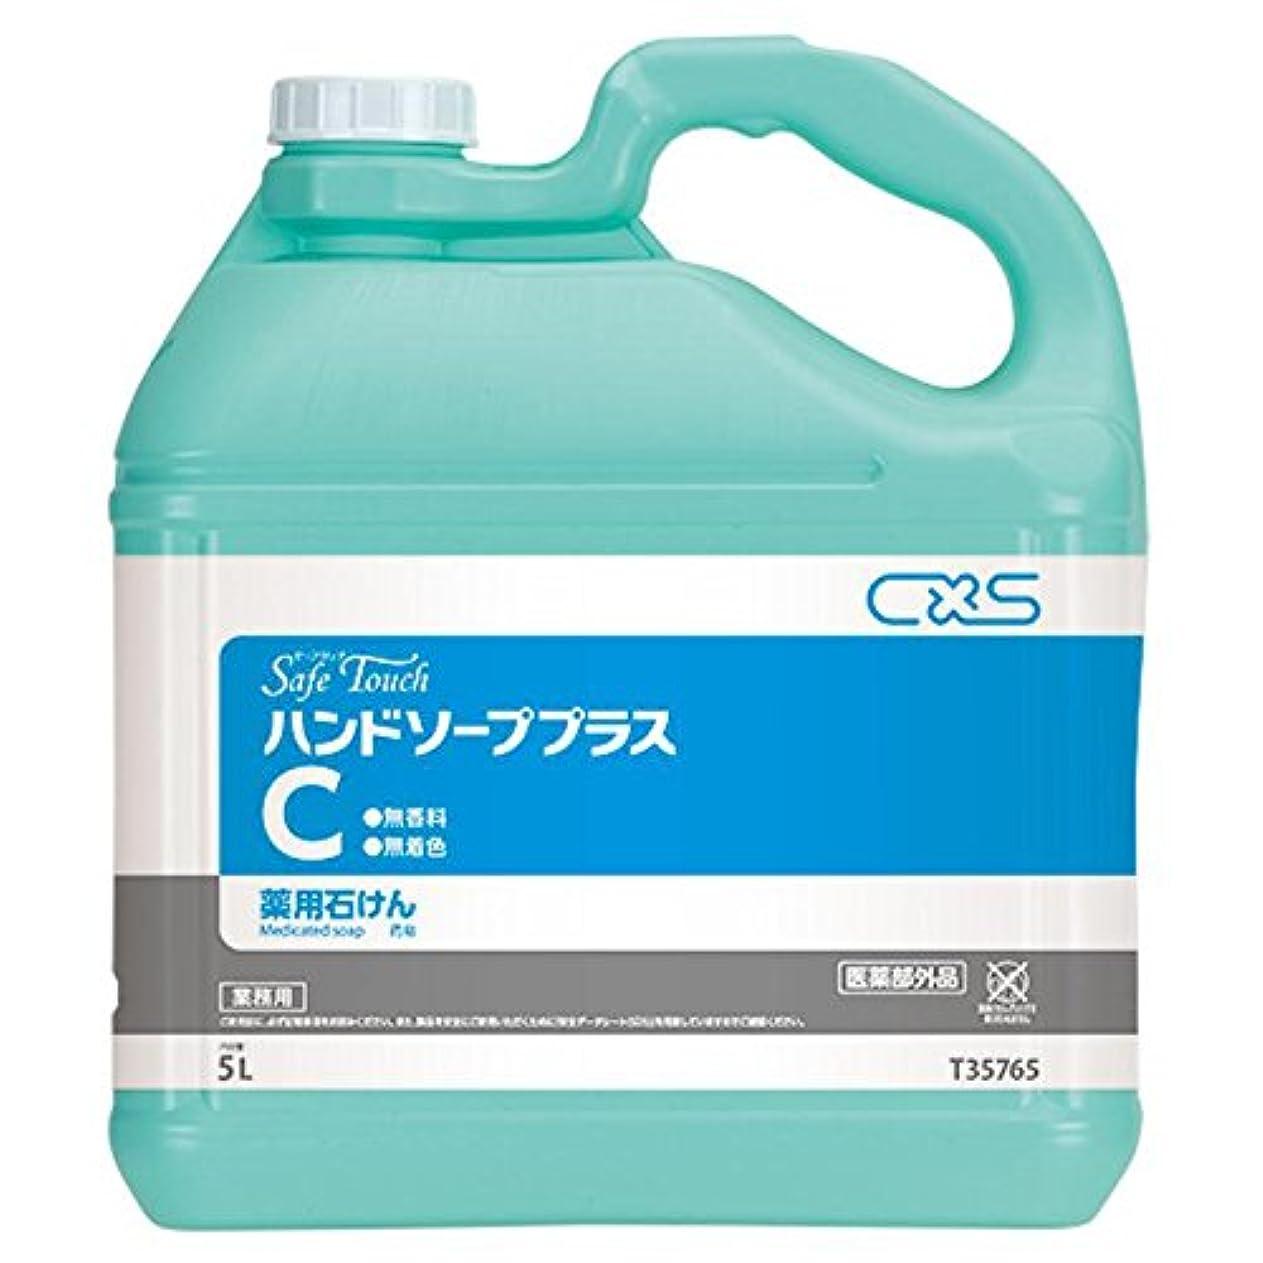 ジャンピングジャック面白いスナップシーバイエス(C×S) 手洗い用石鹸 セーフタッチハンドソーププラスC 5L